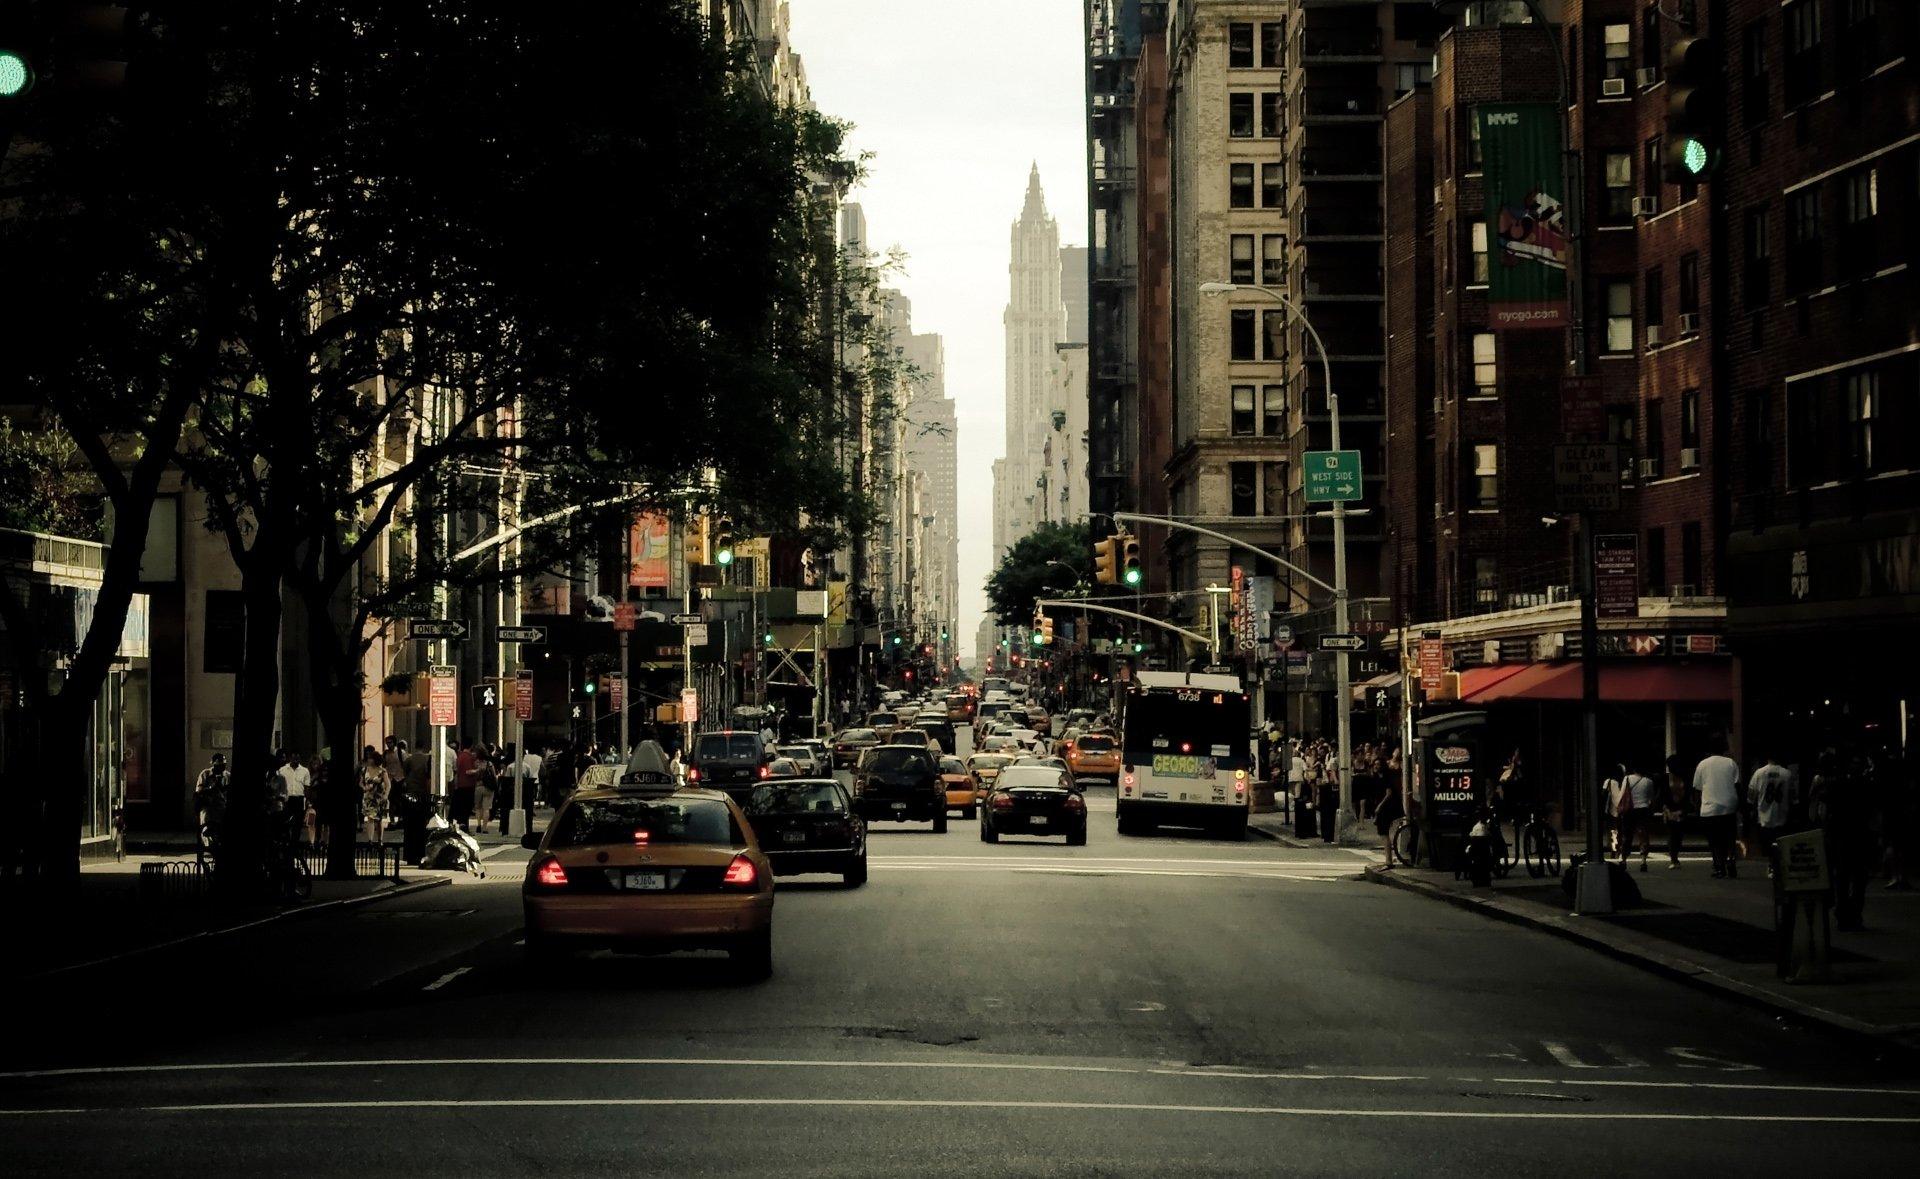 улочка в Нью-Йорке  № 1431703 бесплатно